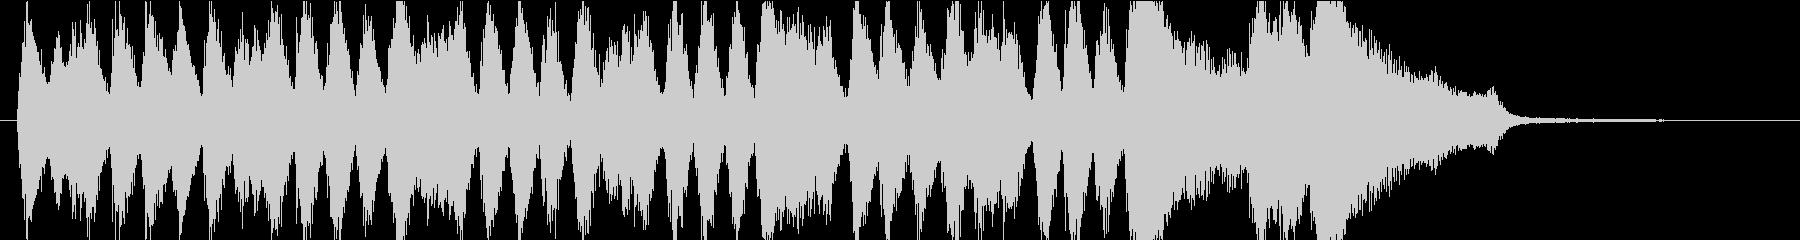 オーケストラのファンファーレ。メロディ無の未再生の波形